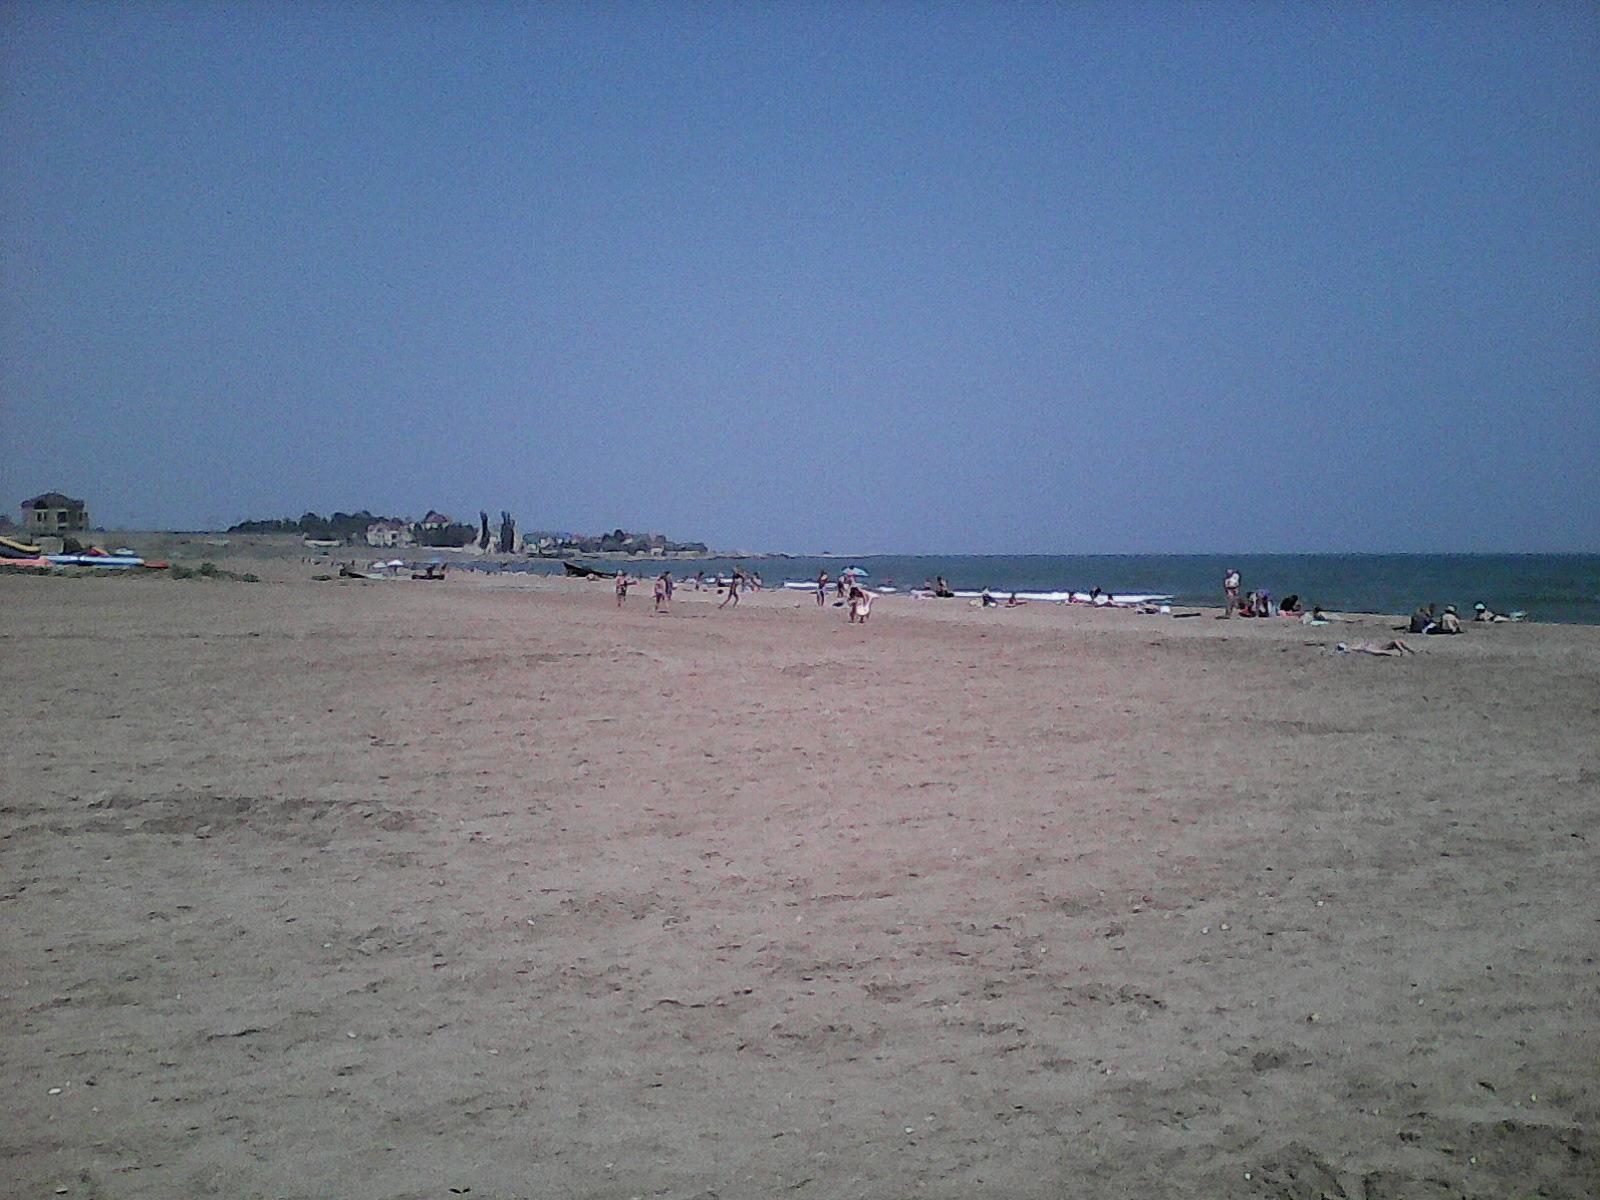 пляж в дербенте фото коса специализированных автоматов